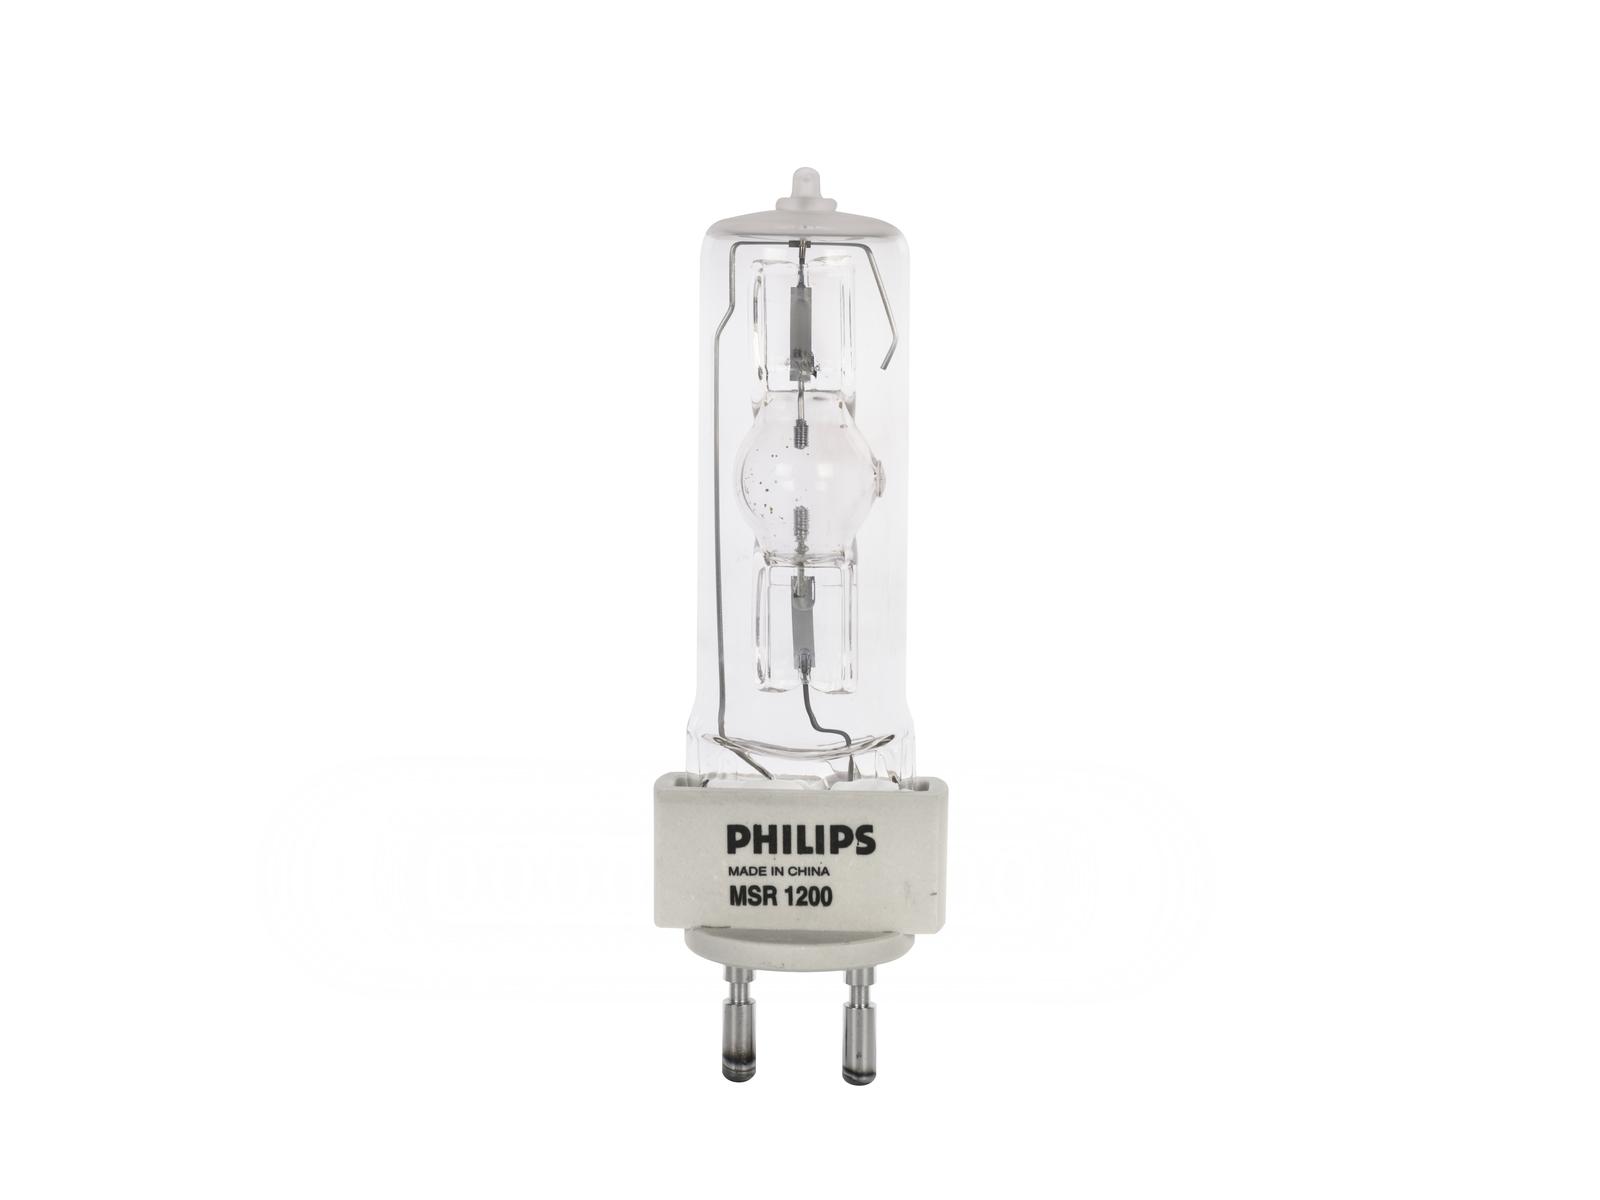 PHILIPS MSR 1200 100V/1200W G-